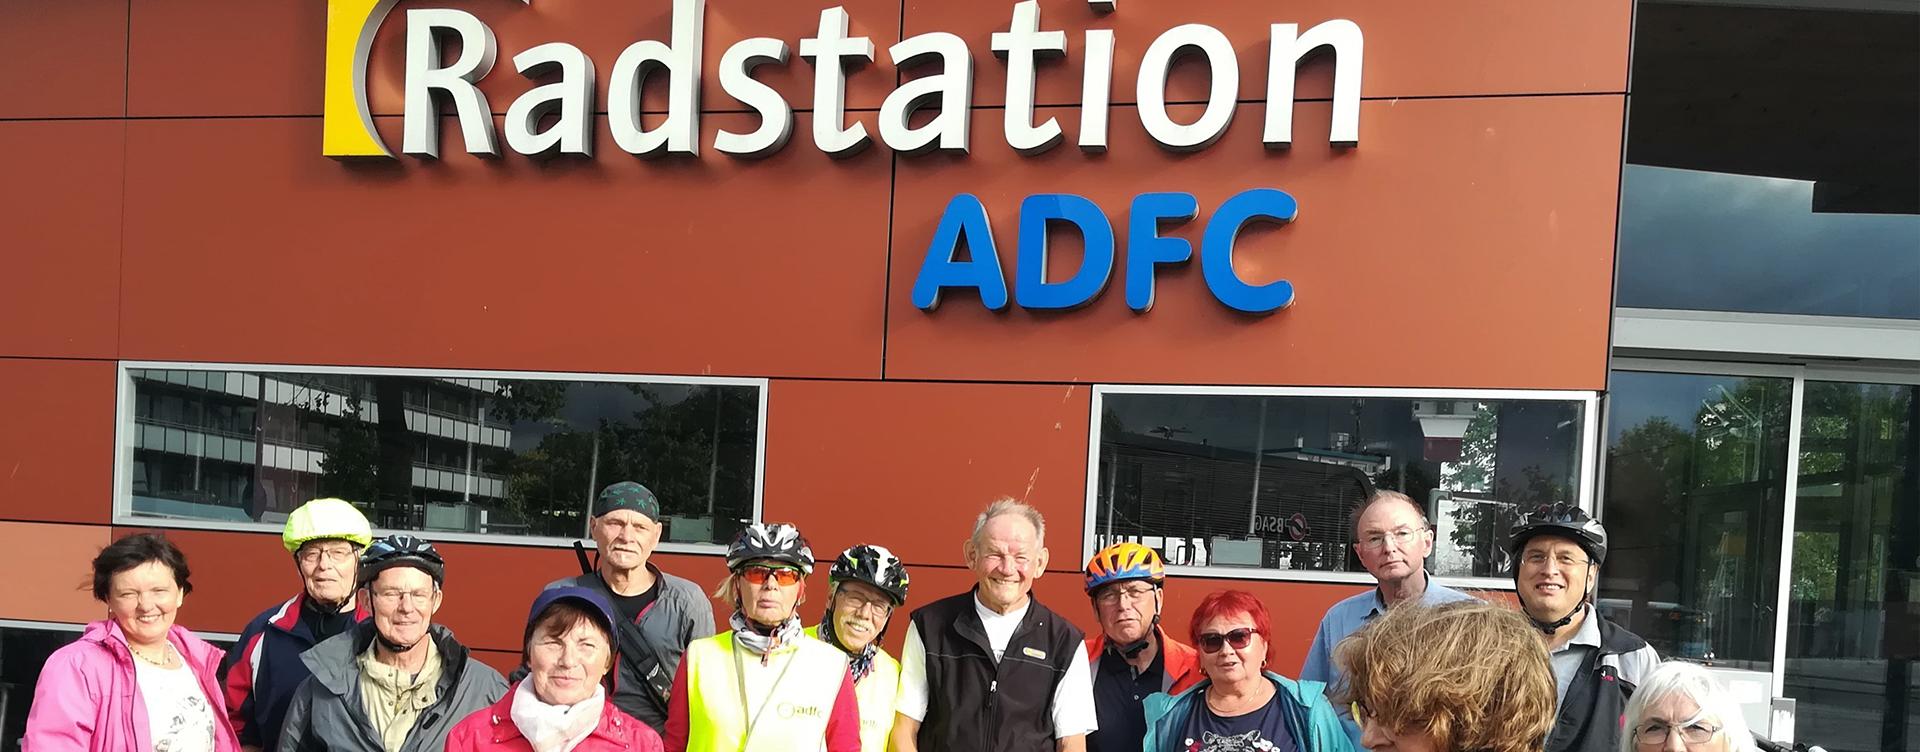 ADFC - vegesack.de